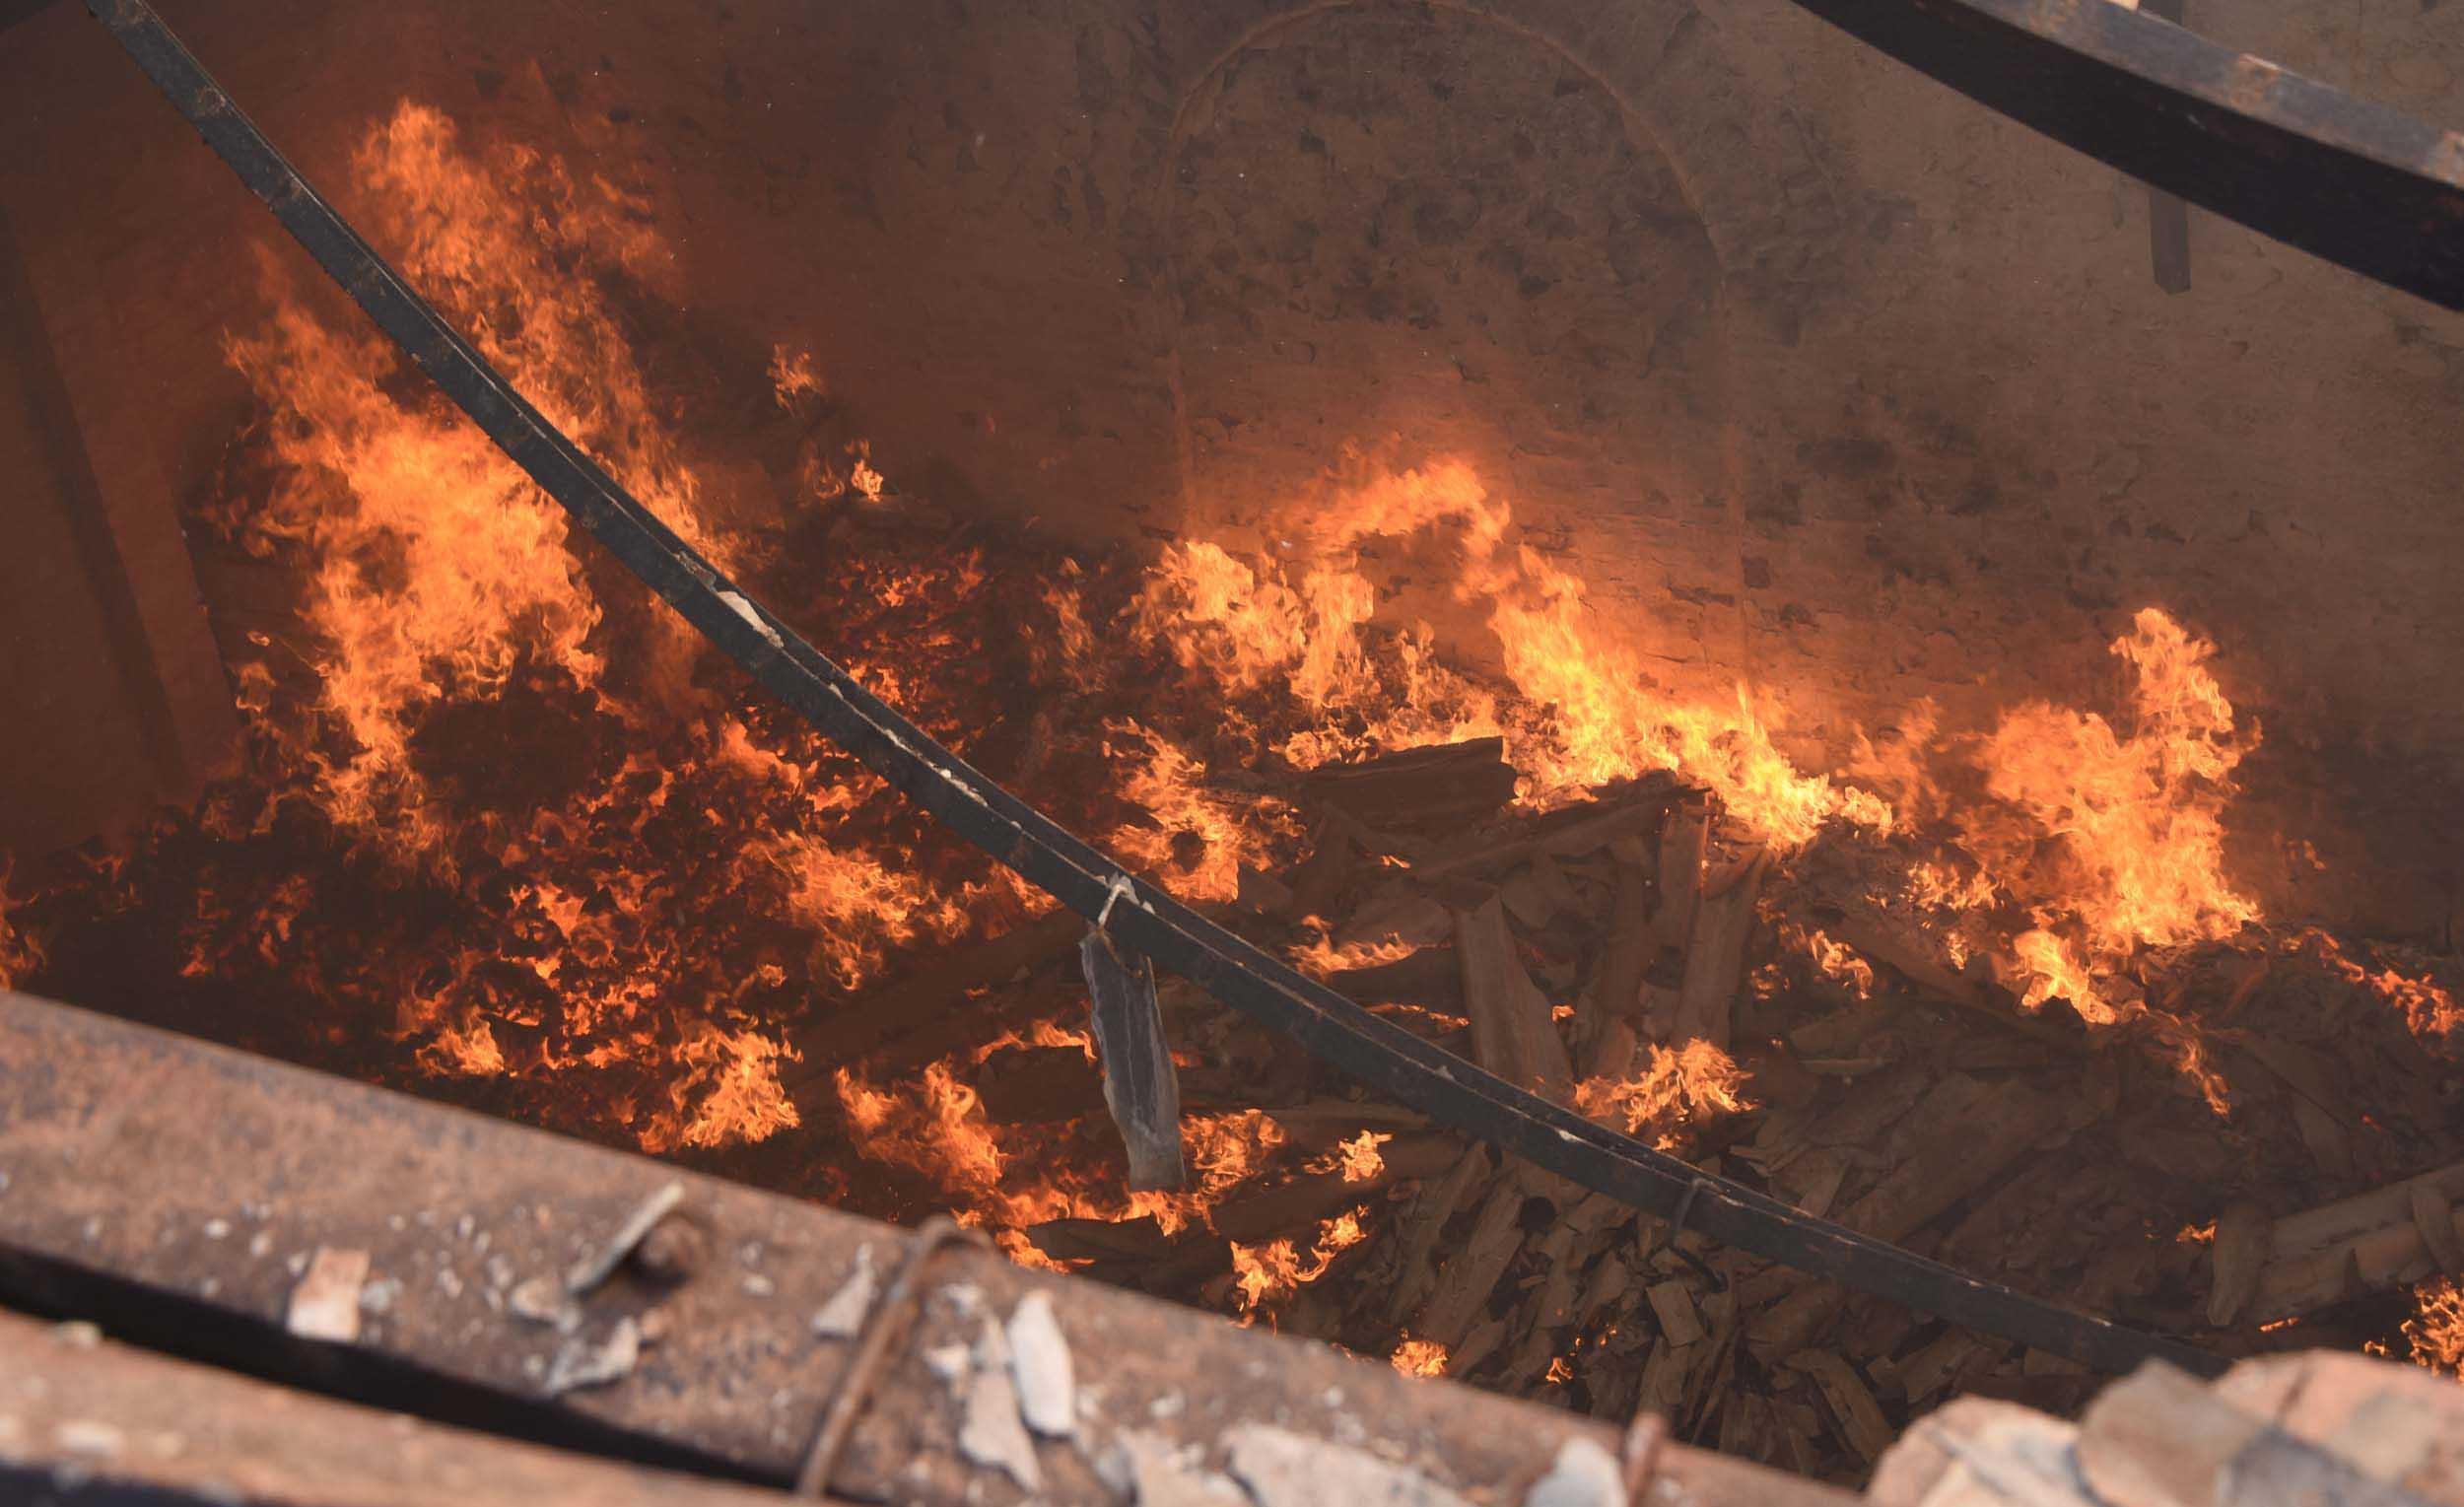 বিধ্বংসী আগুন বিএসএনএল সার্ভার রুমে, কালো ধোঁয়ায় ছেয়েছে এলাকা